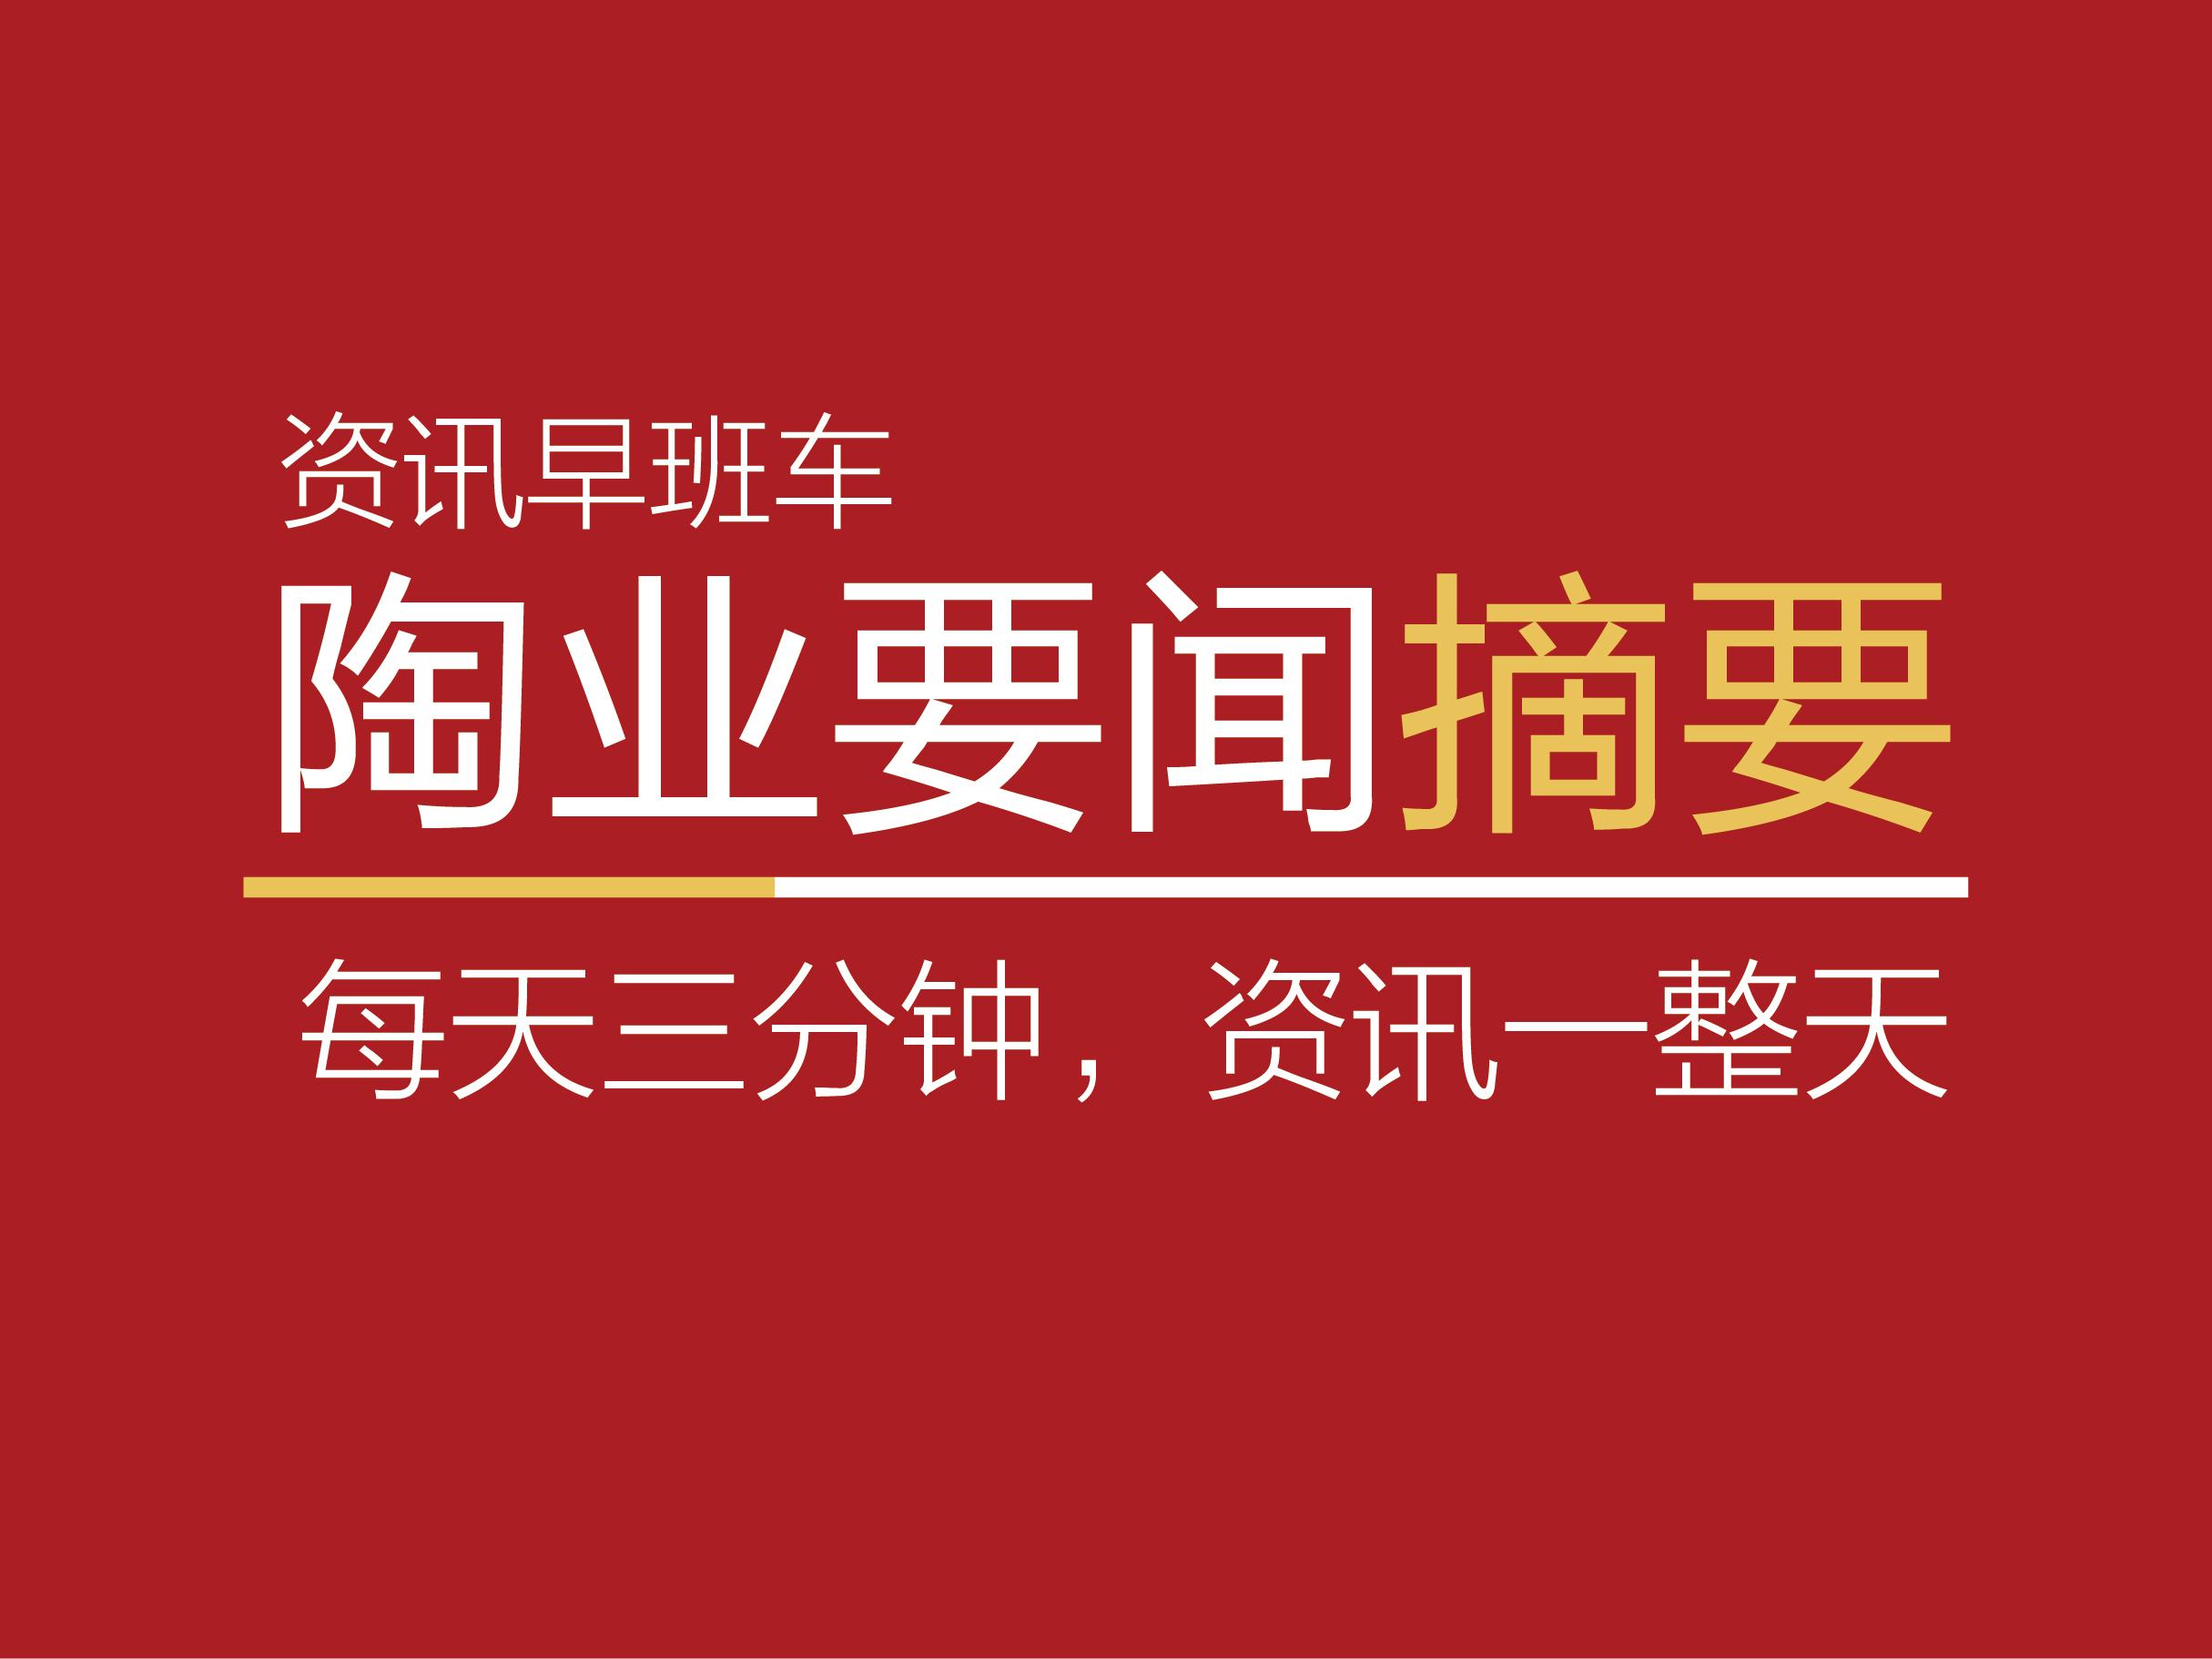 【陶业要闻摘要】2017年11月2日(第127期)